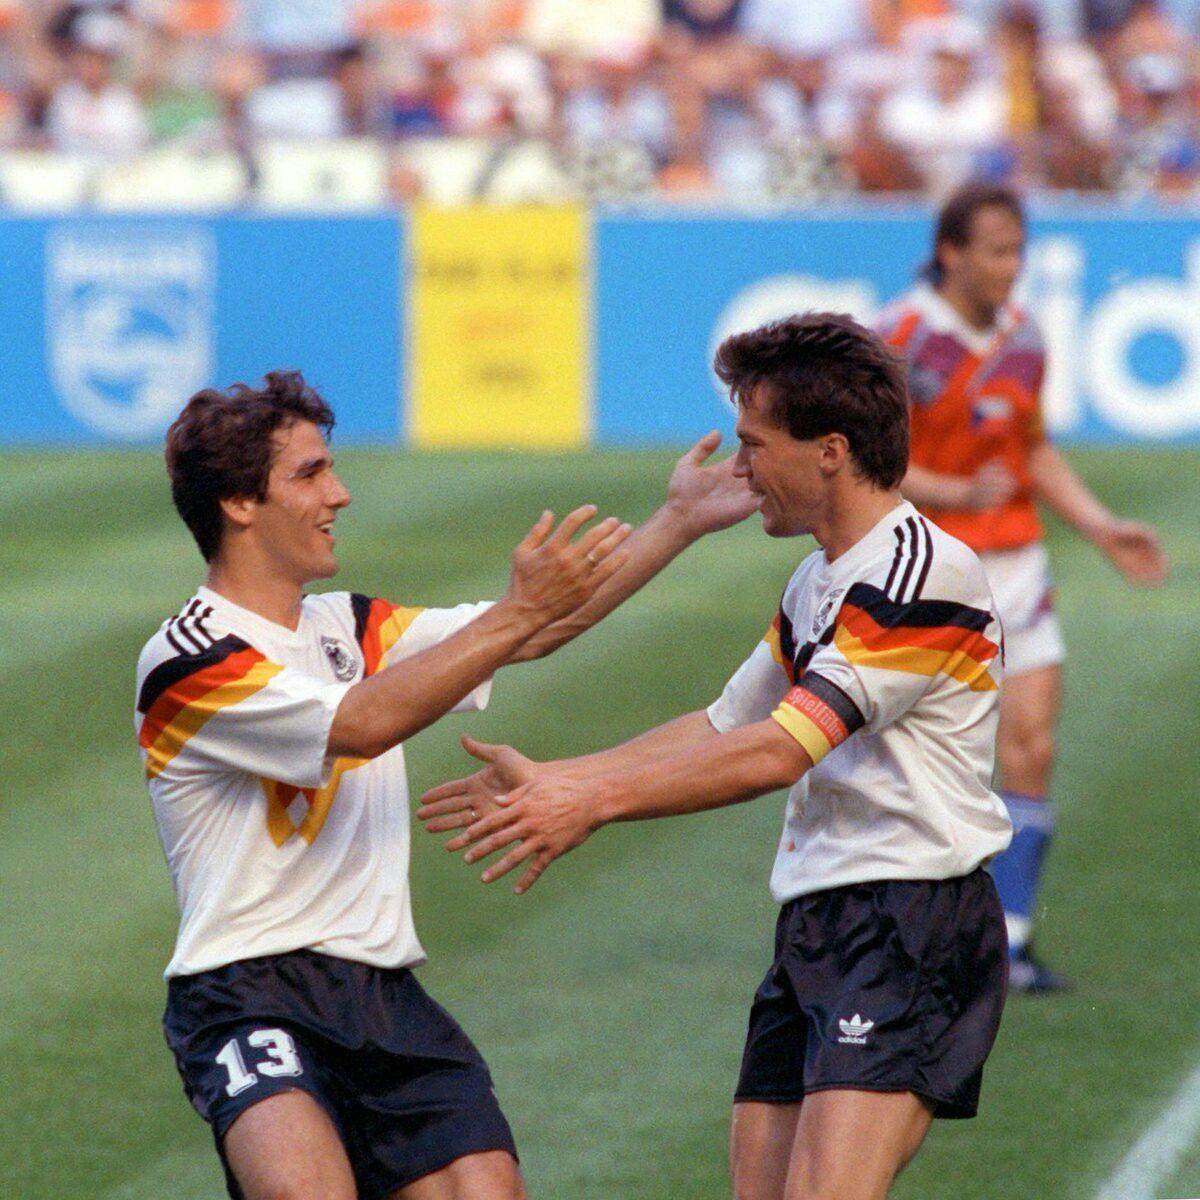 Pin Von Academy Real Football Team Auf Germany Lothar Matthaus Dfb Team Deutsche Fussball Bund